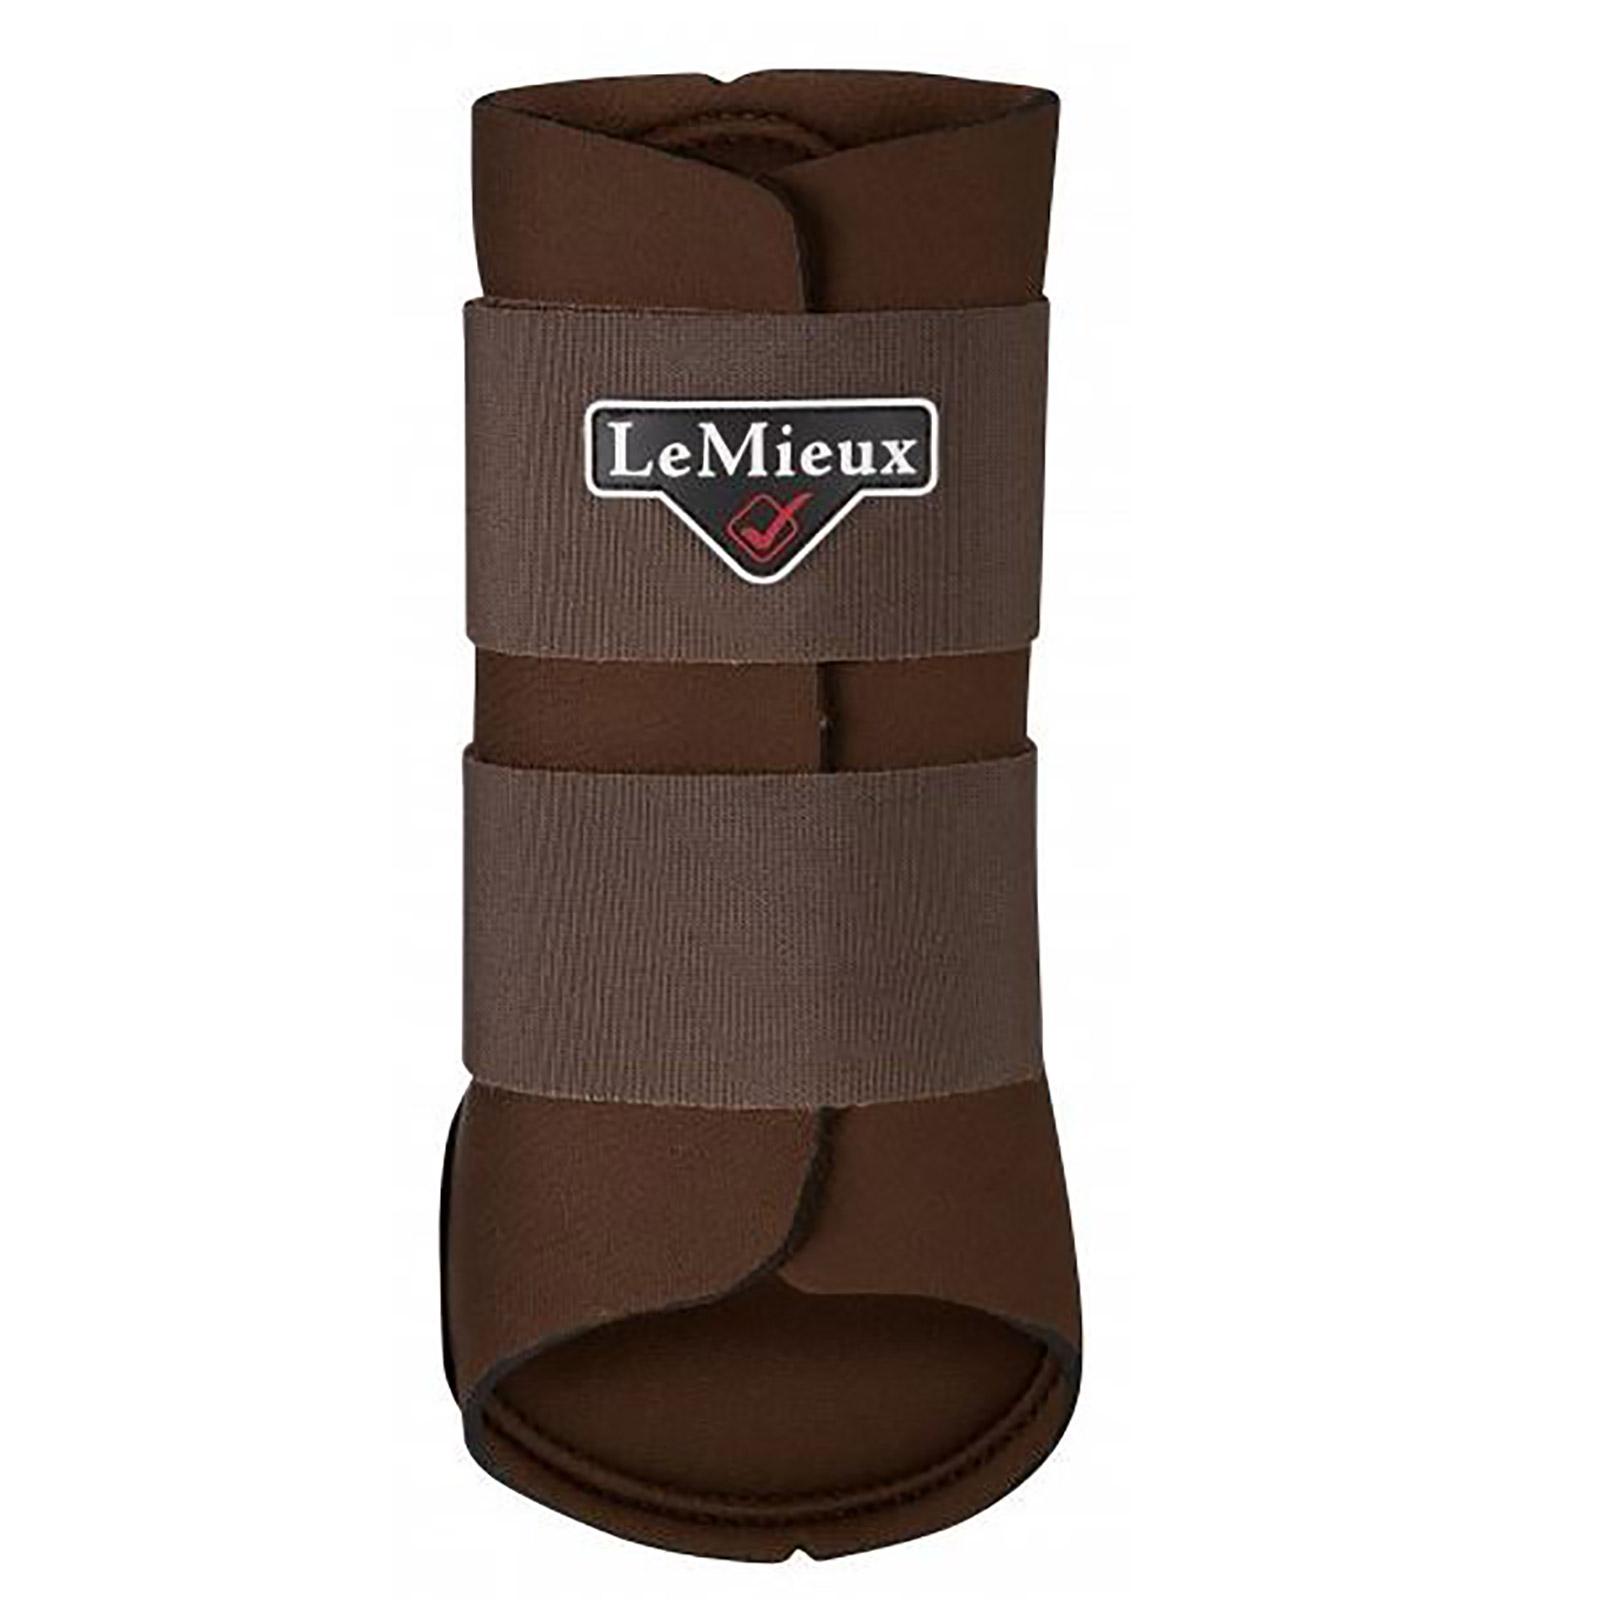 LEMIEUX-PROSPORT-Grafter-Brossage-Bottes-Leger-Protection miniature 24